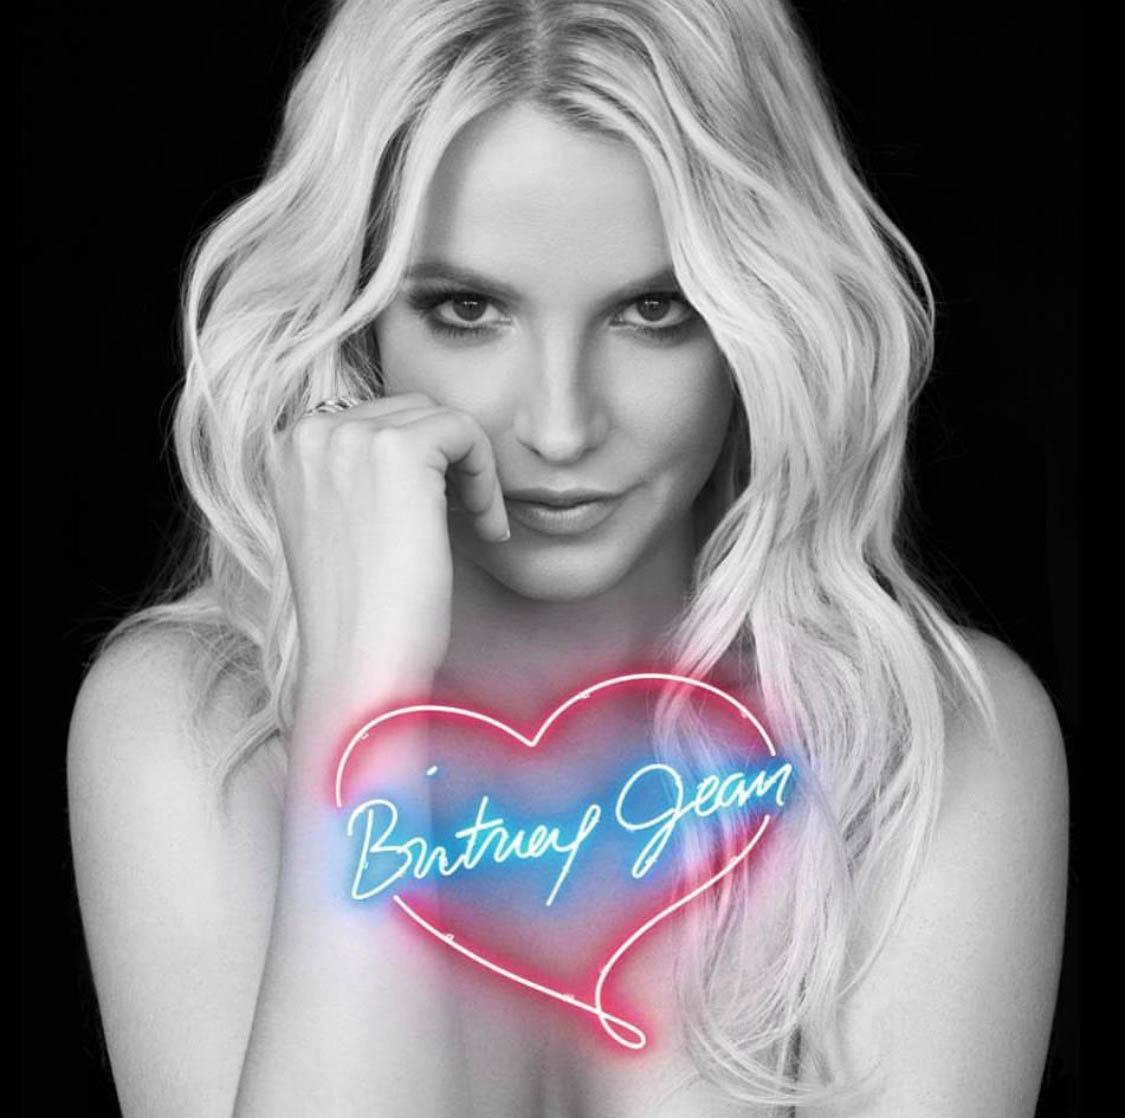 Britney-BritneyJean.JPG